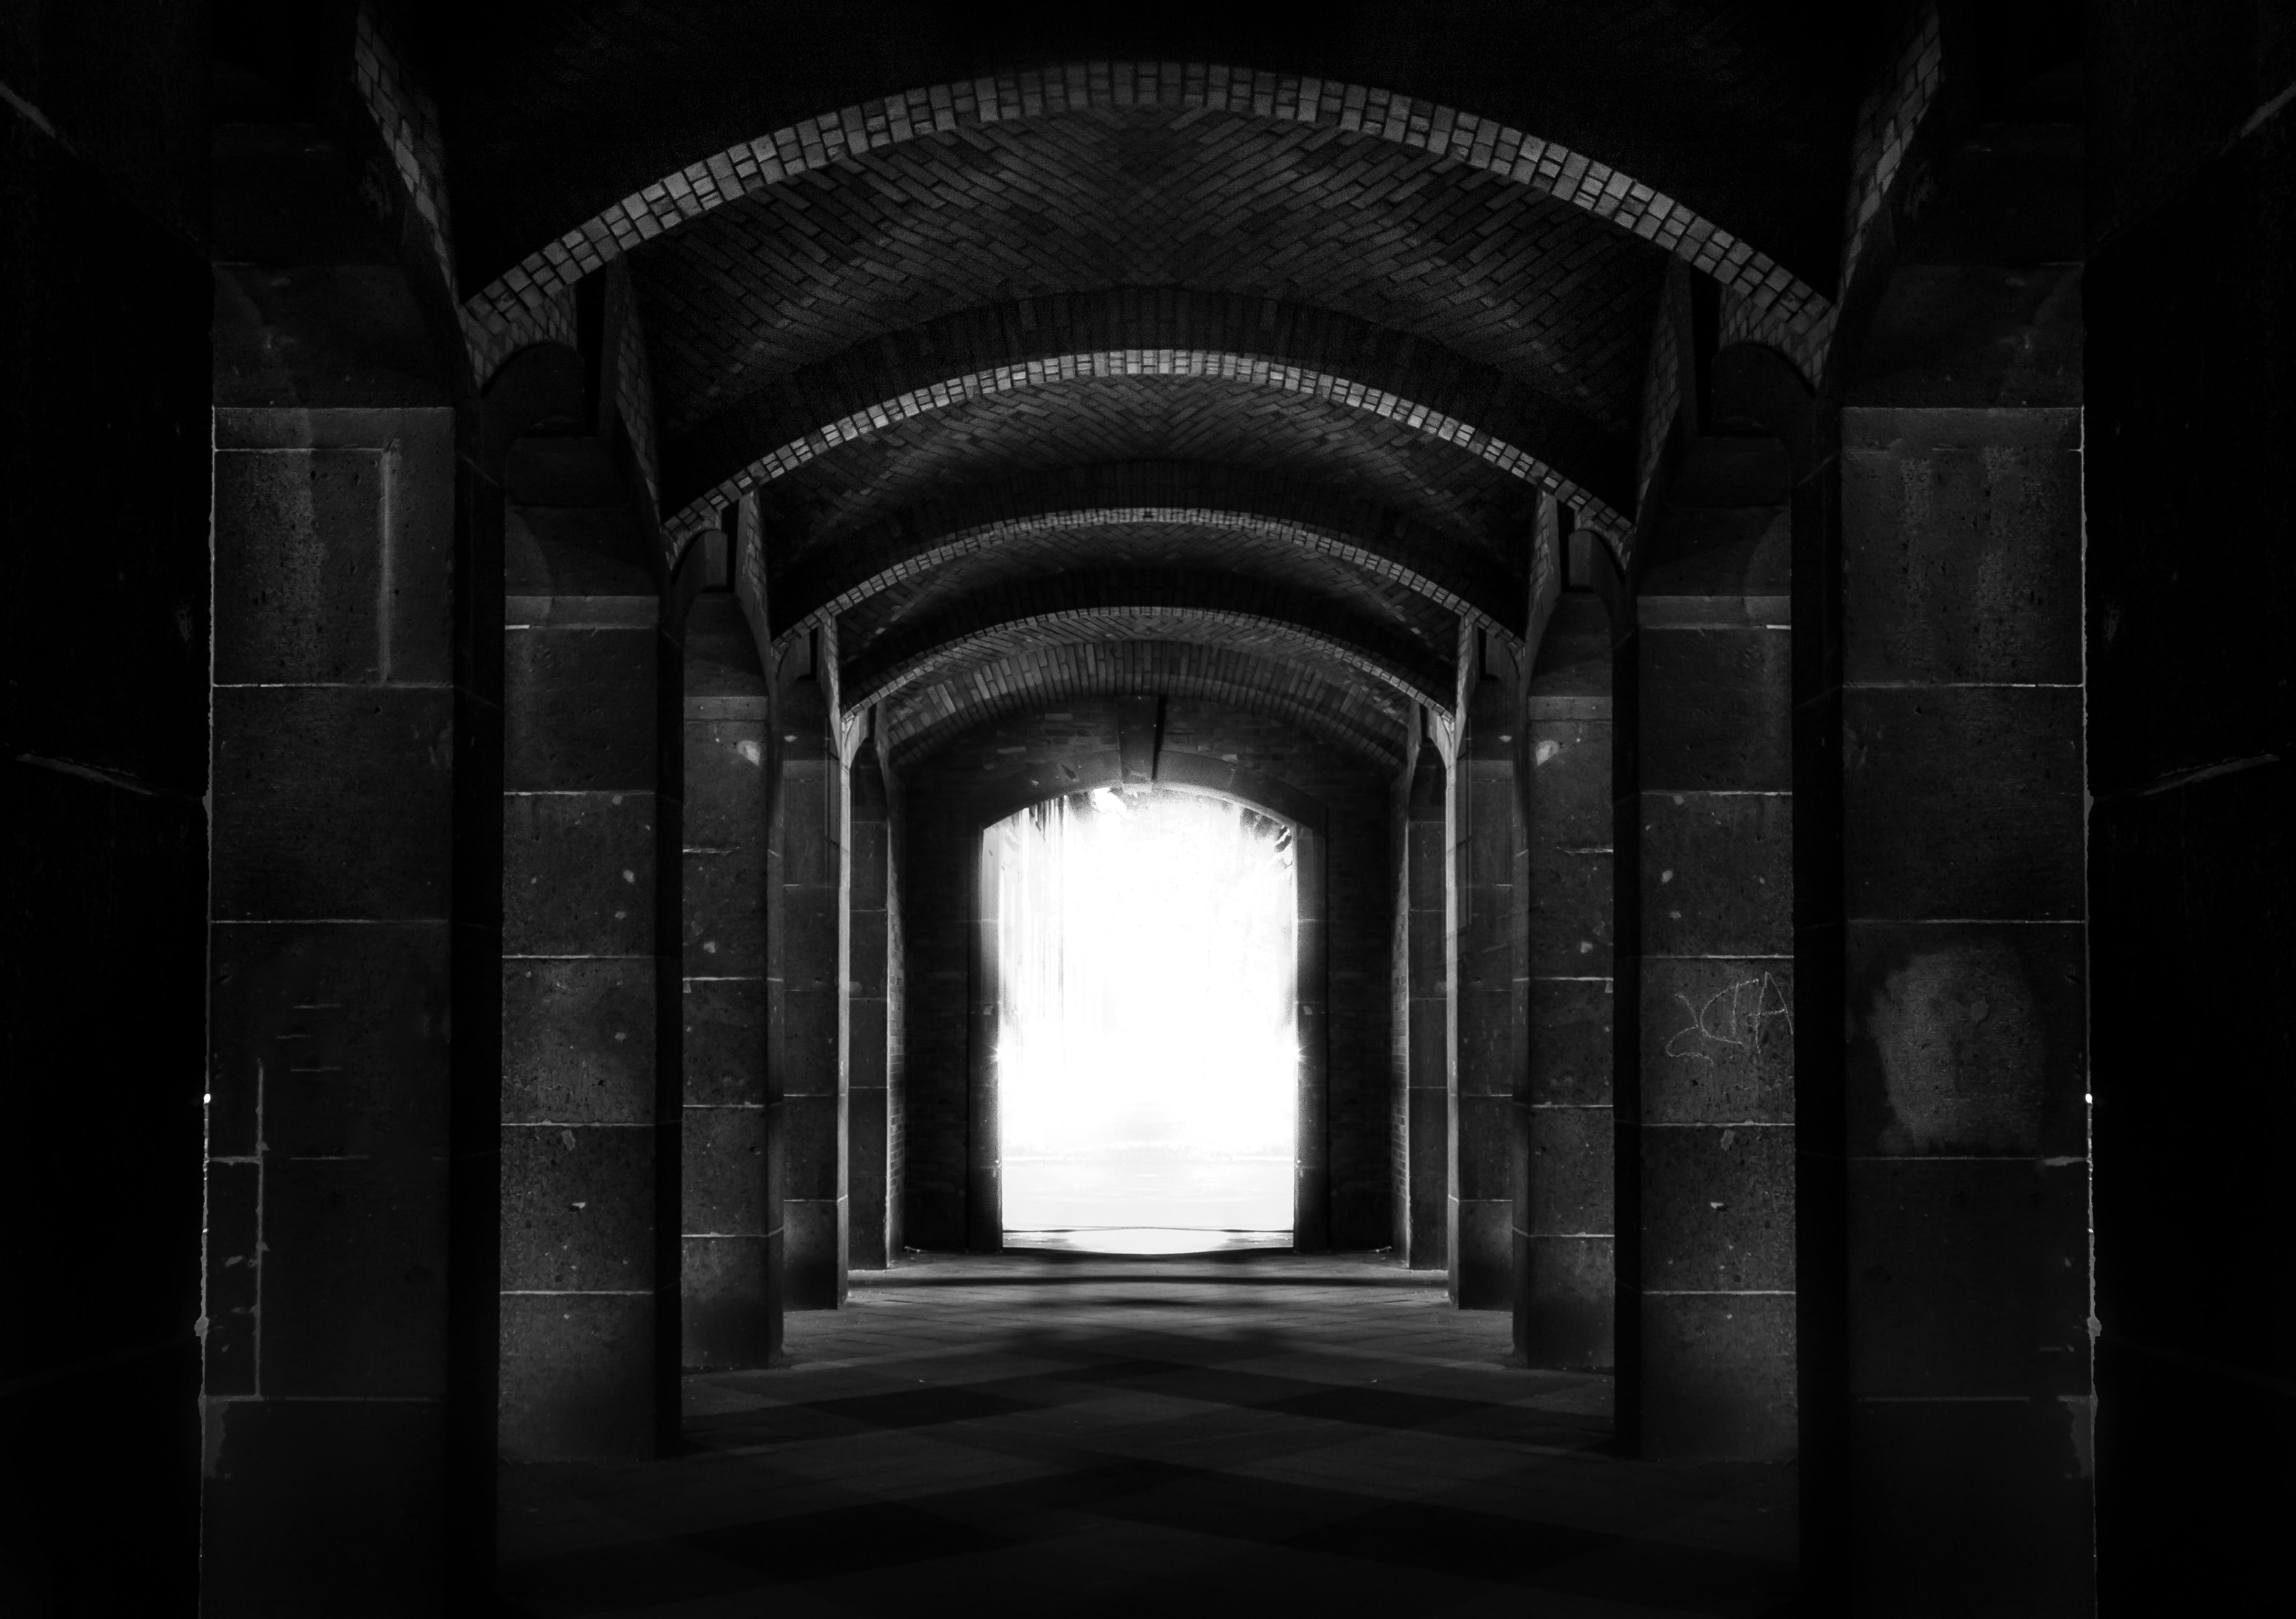 Fotos de stock gratuitas de arcos, arquitectura, blanco y negro, edificio